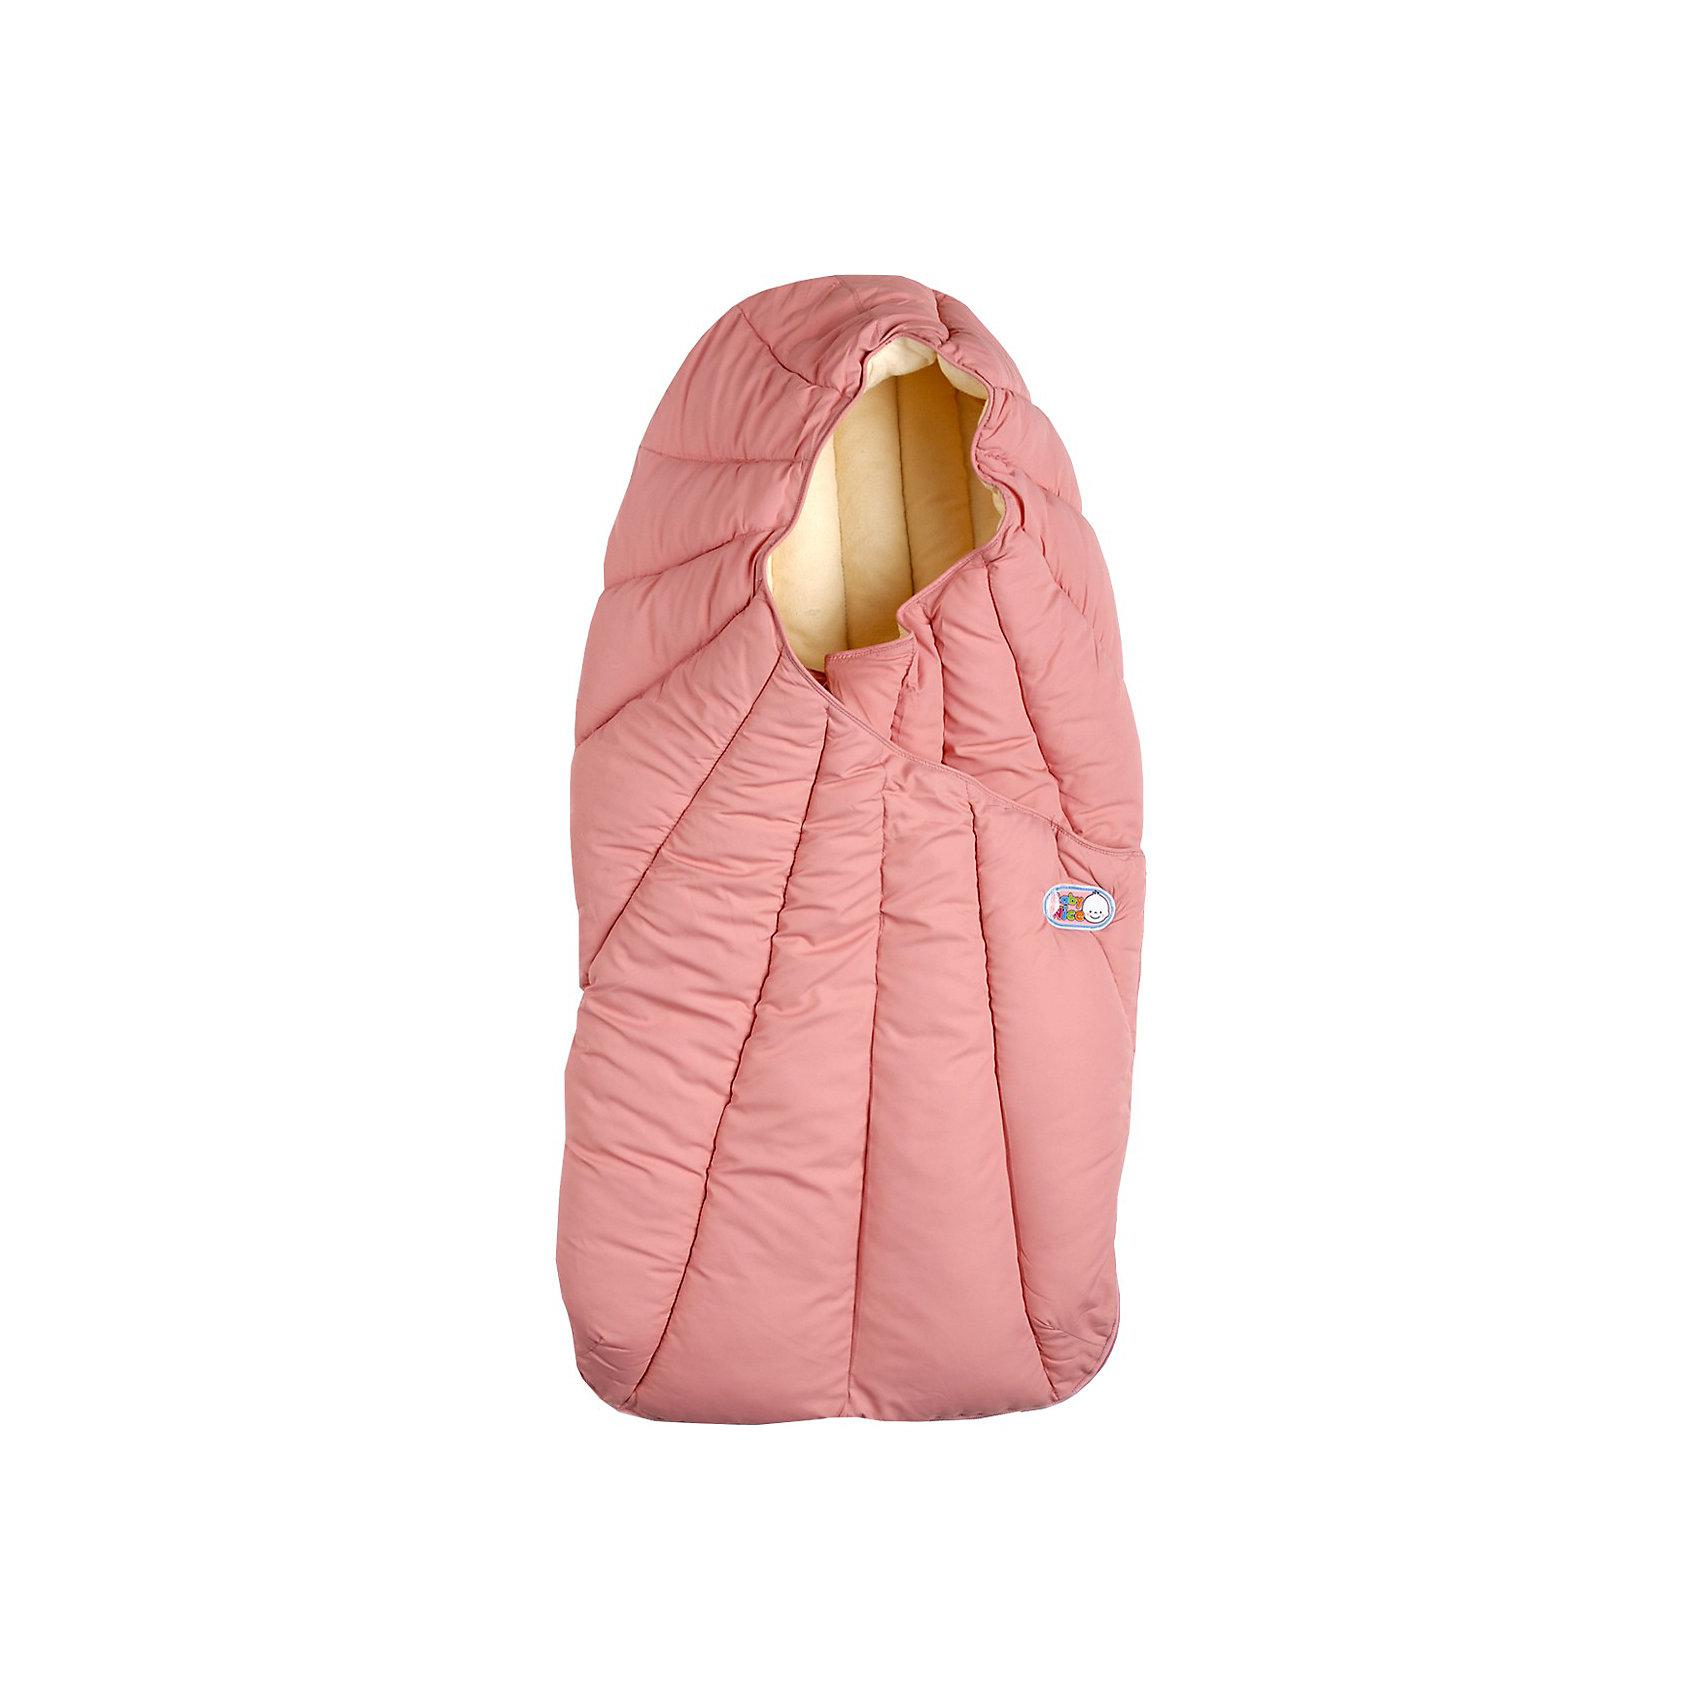 Конверт в коляску, 0-6 мес., Baby Nice, розовыйКонверты<br>Дополнительная информация:<br><br>Состав: верх - плащевка,<br>Наполнитель - 100% макрофайбер,<br>Подклад - 100 % х/б фланель.<br>Размер: 0-6 месяцев.<br>Вес в упаковке: 800 г.<br>Размер упаковки: 800 х 600 х 50 мм.<br><br>Конверт утепленный, розовый можно купить в нашем магазине.<br><br>Ширина мм: 800<br>Глубина мм: 600<br>Высота мм: 50<br>Вес г: 800<br>Возраст от месяцев: 0<br>Возраст до месяцев: 6<br>Пол: Женский<br>Возраст: Детский<br>SKU: 3788240